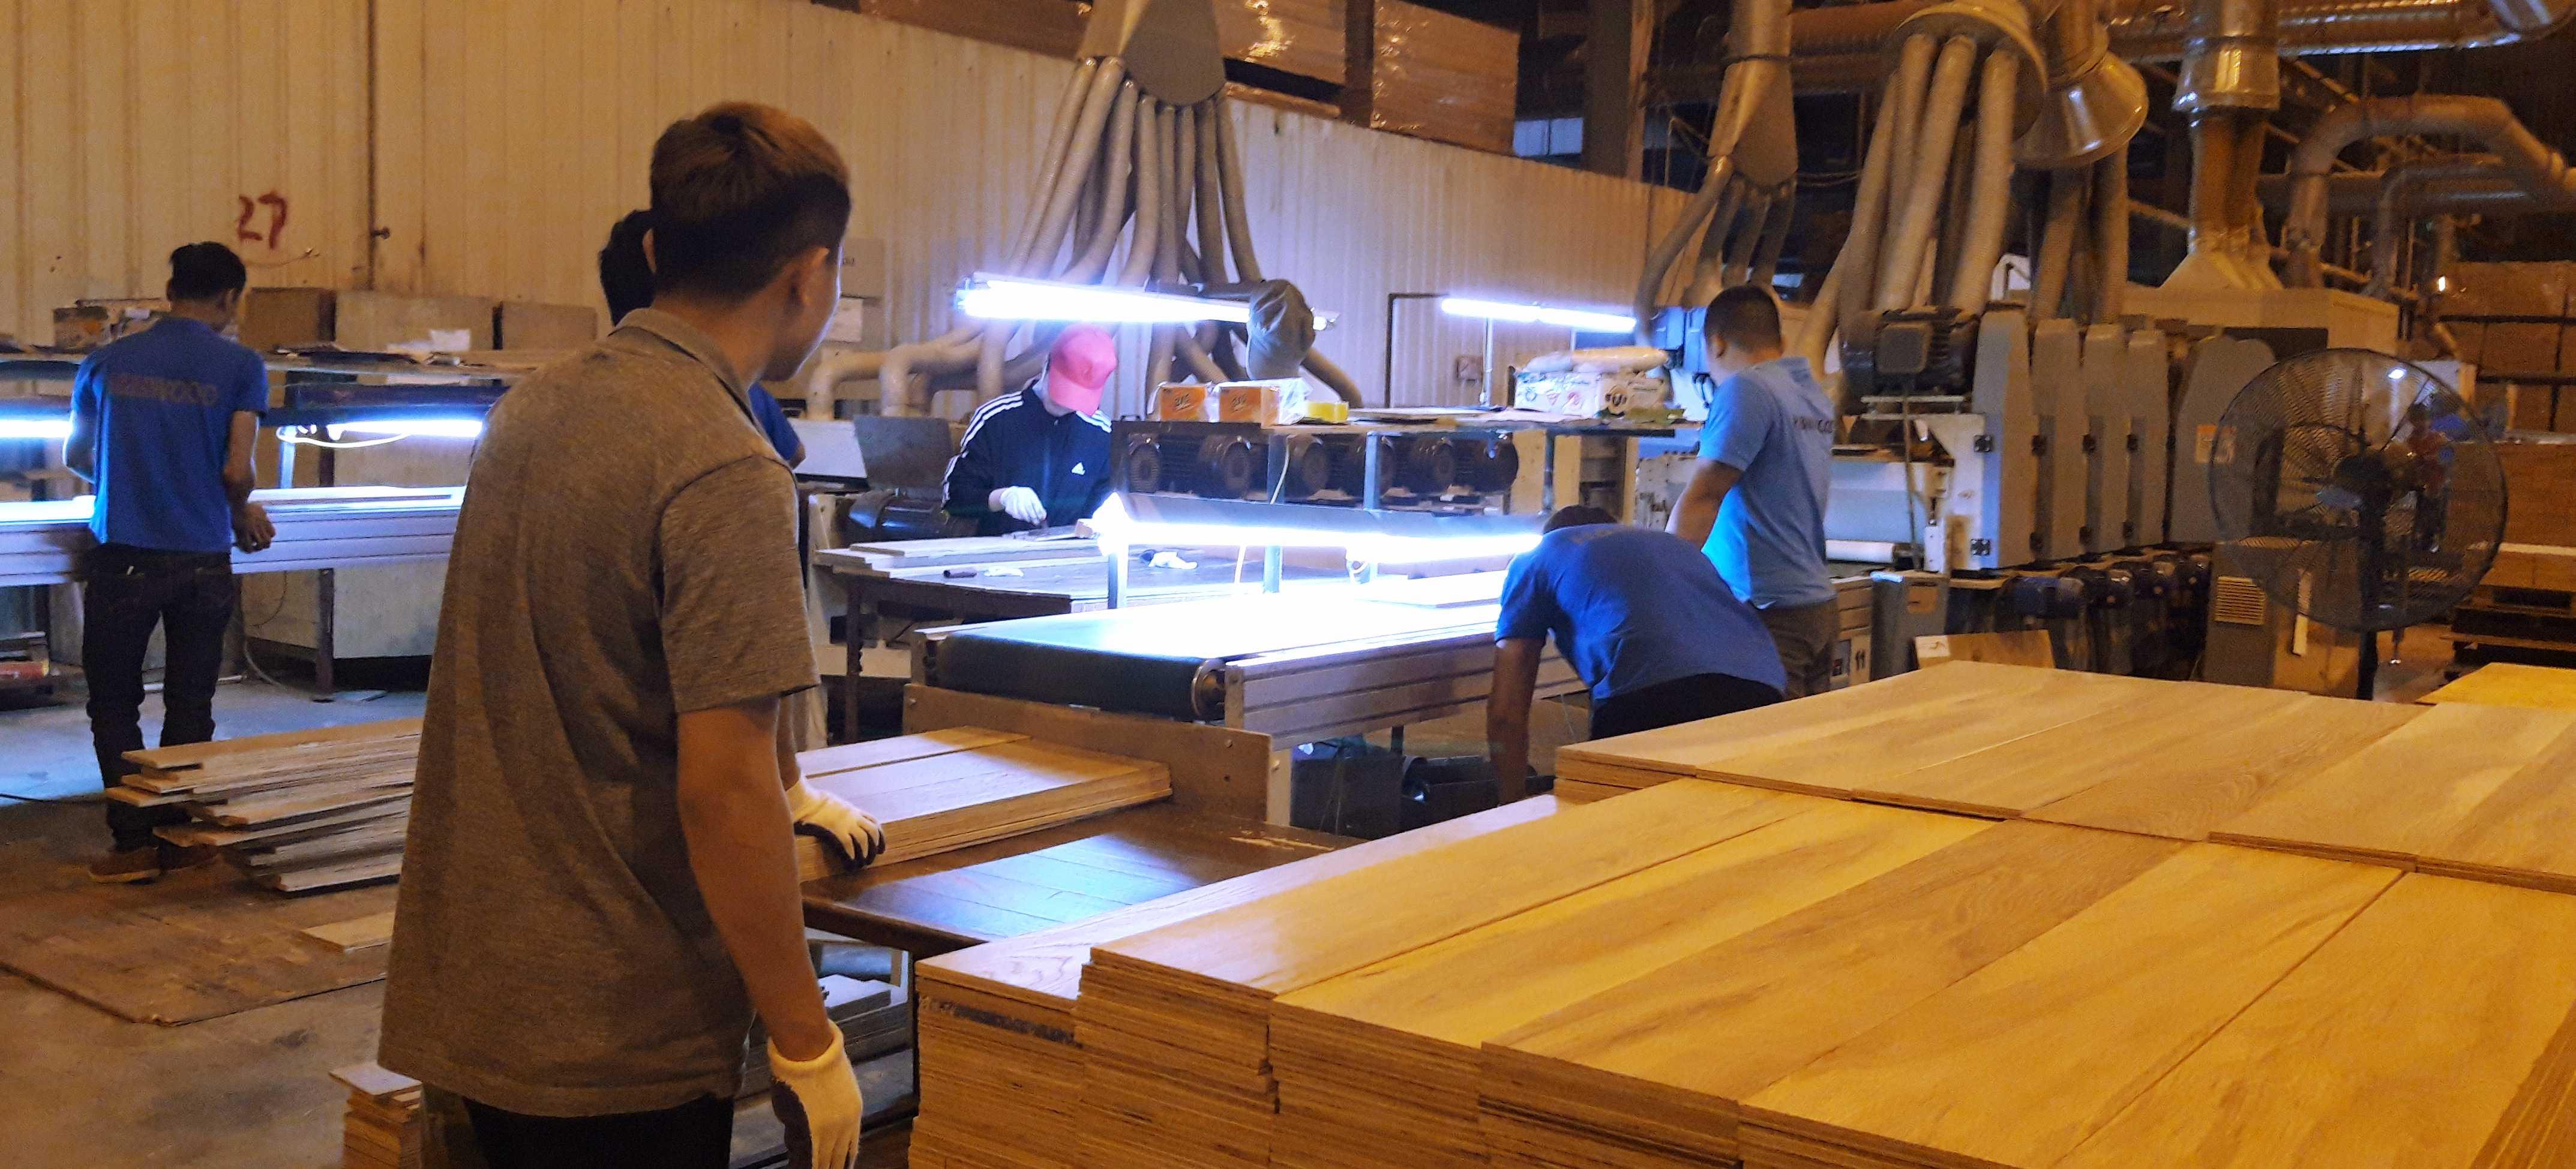 Cở sở sản xuất sàn gỗ HỒNG LAM